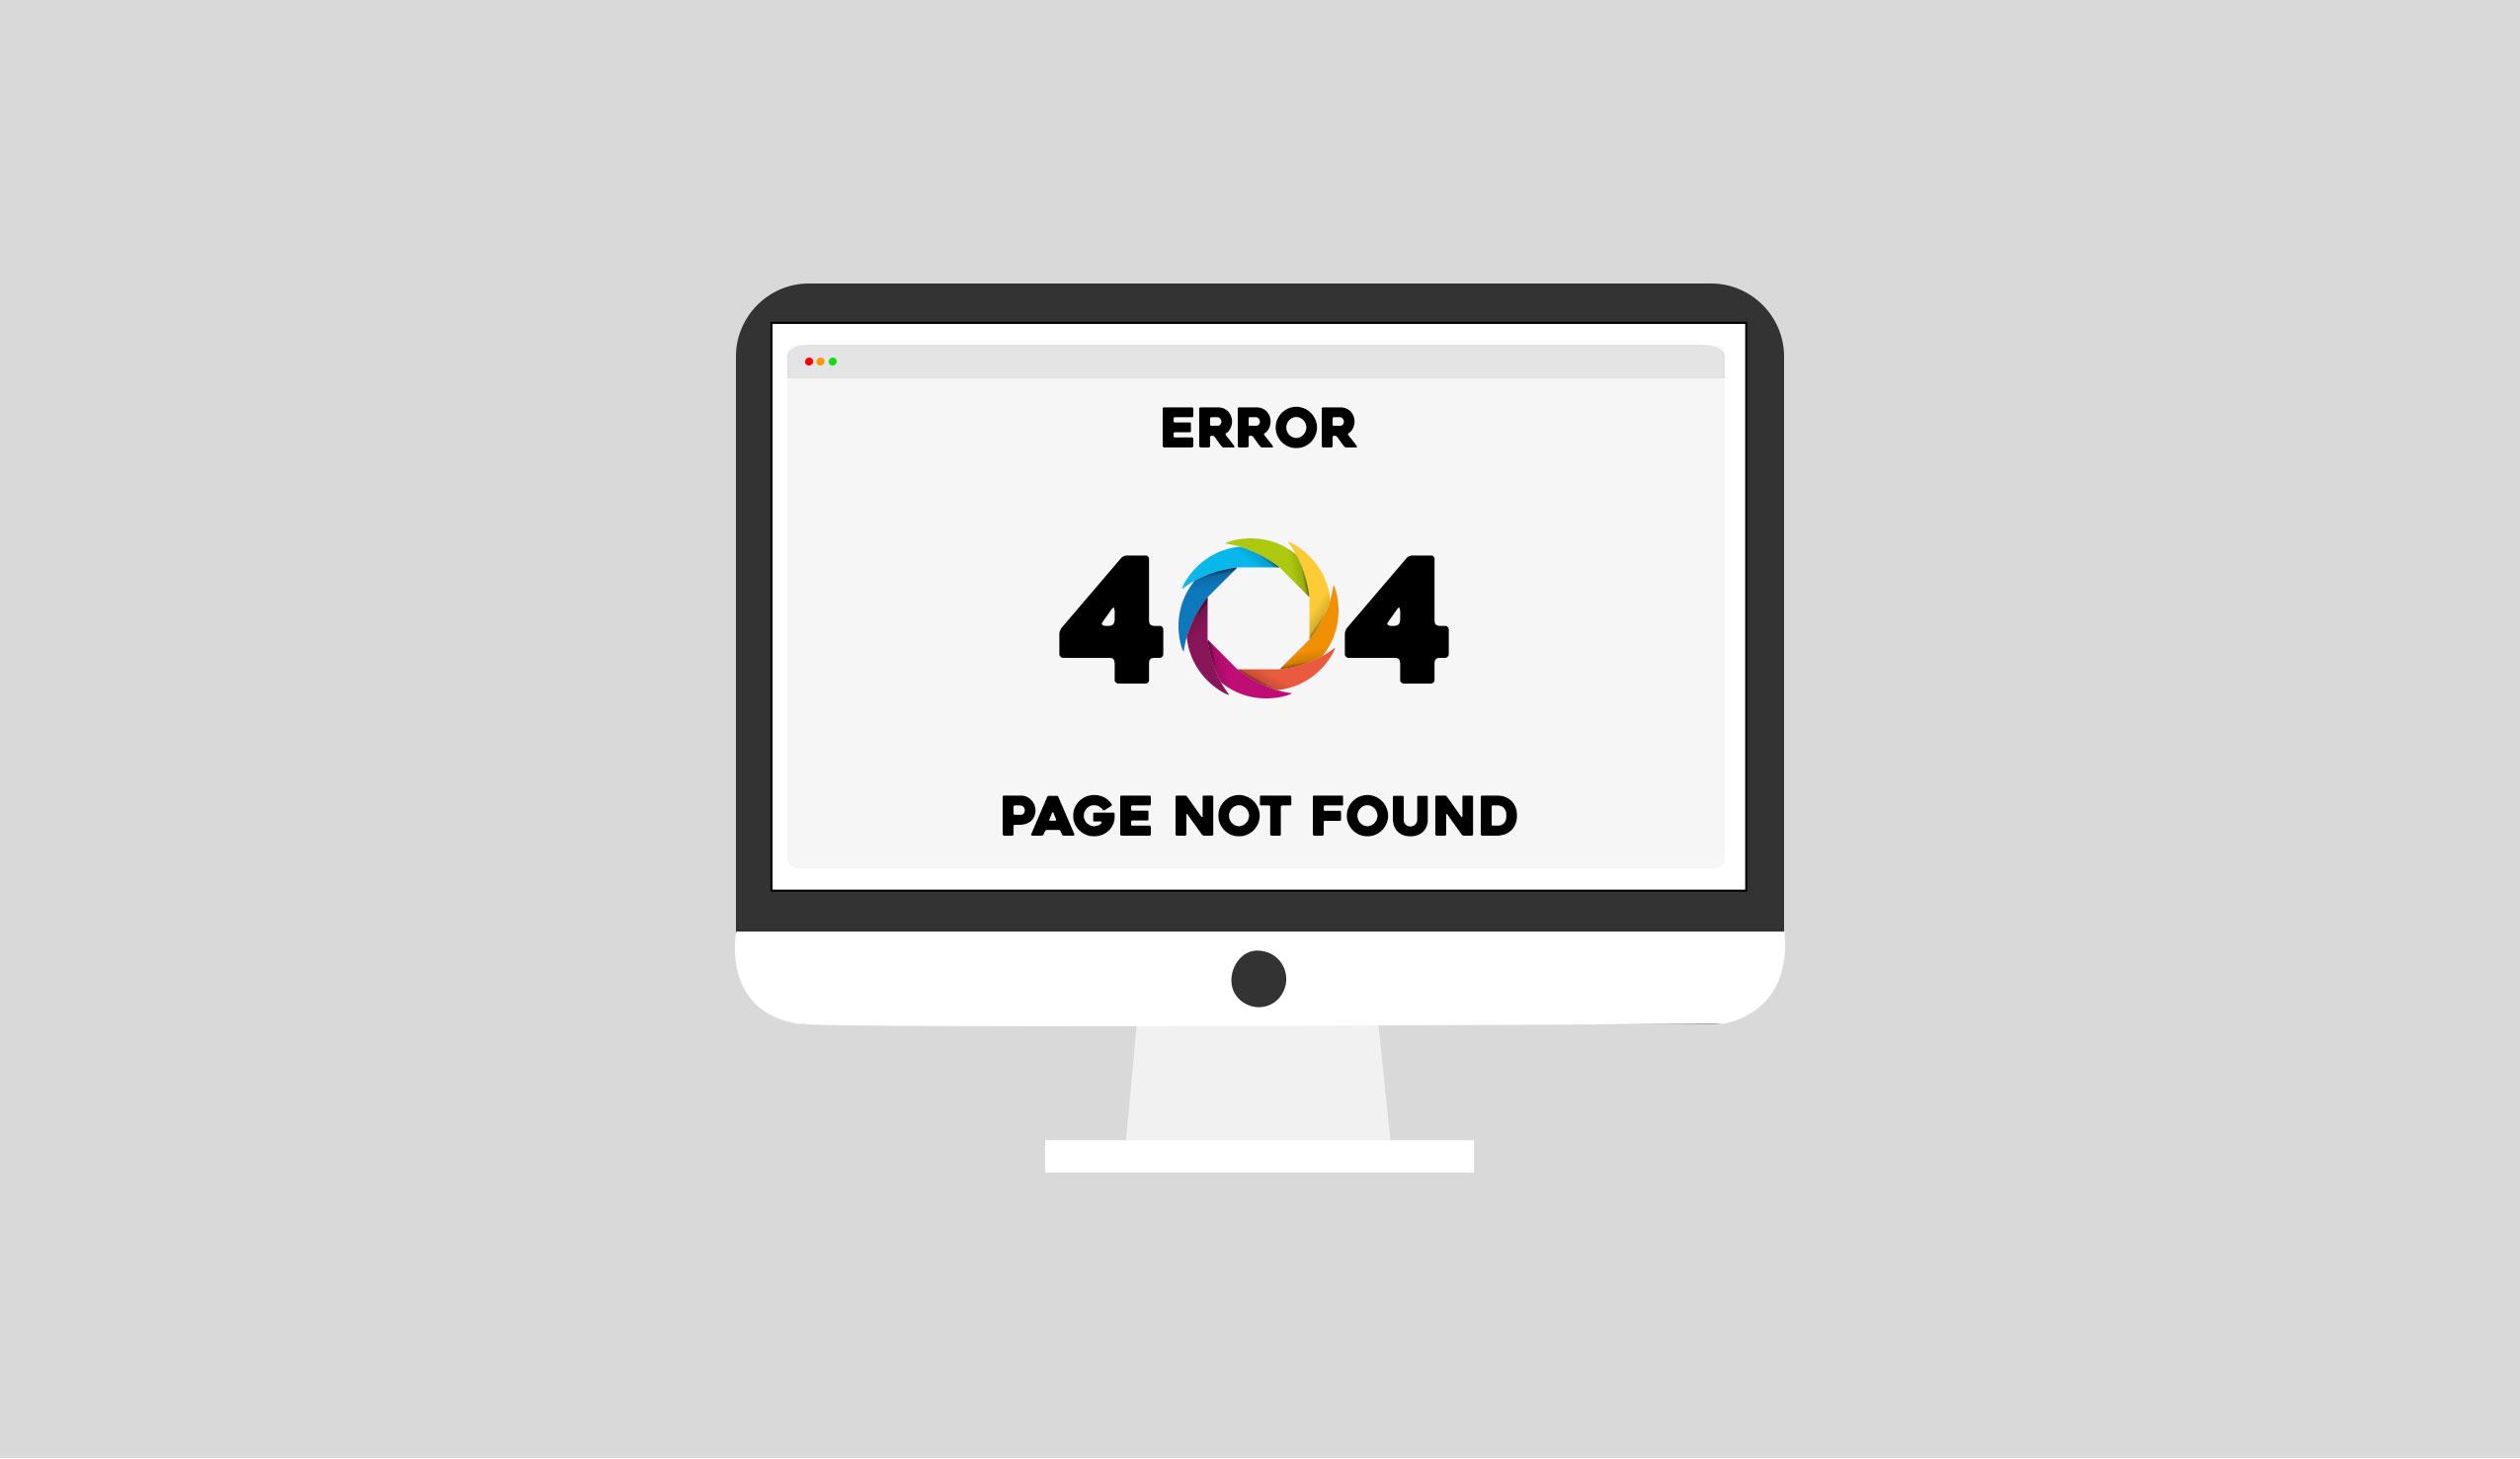 Errore 404, cosa significa questa pagina di errore?